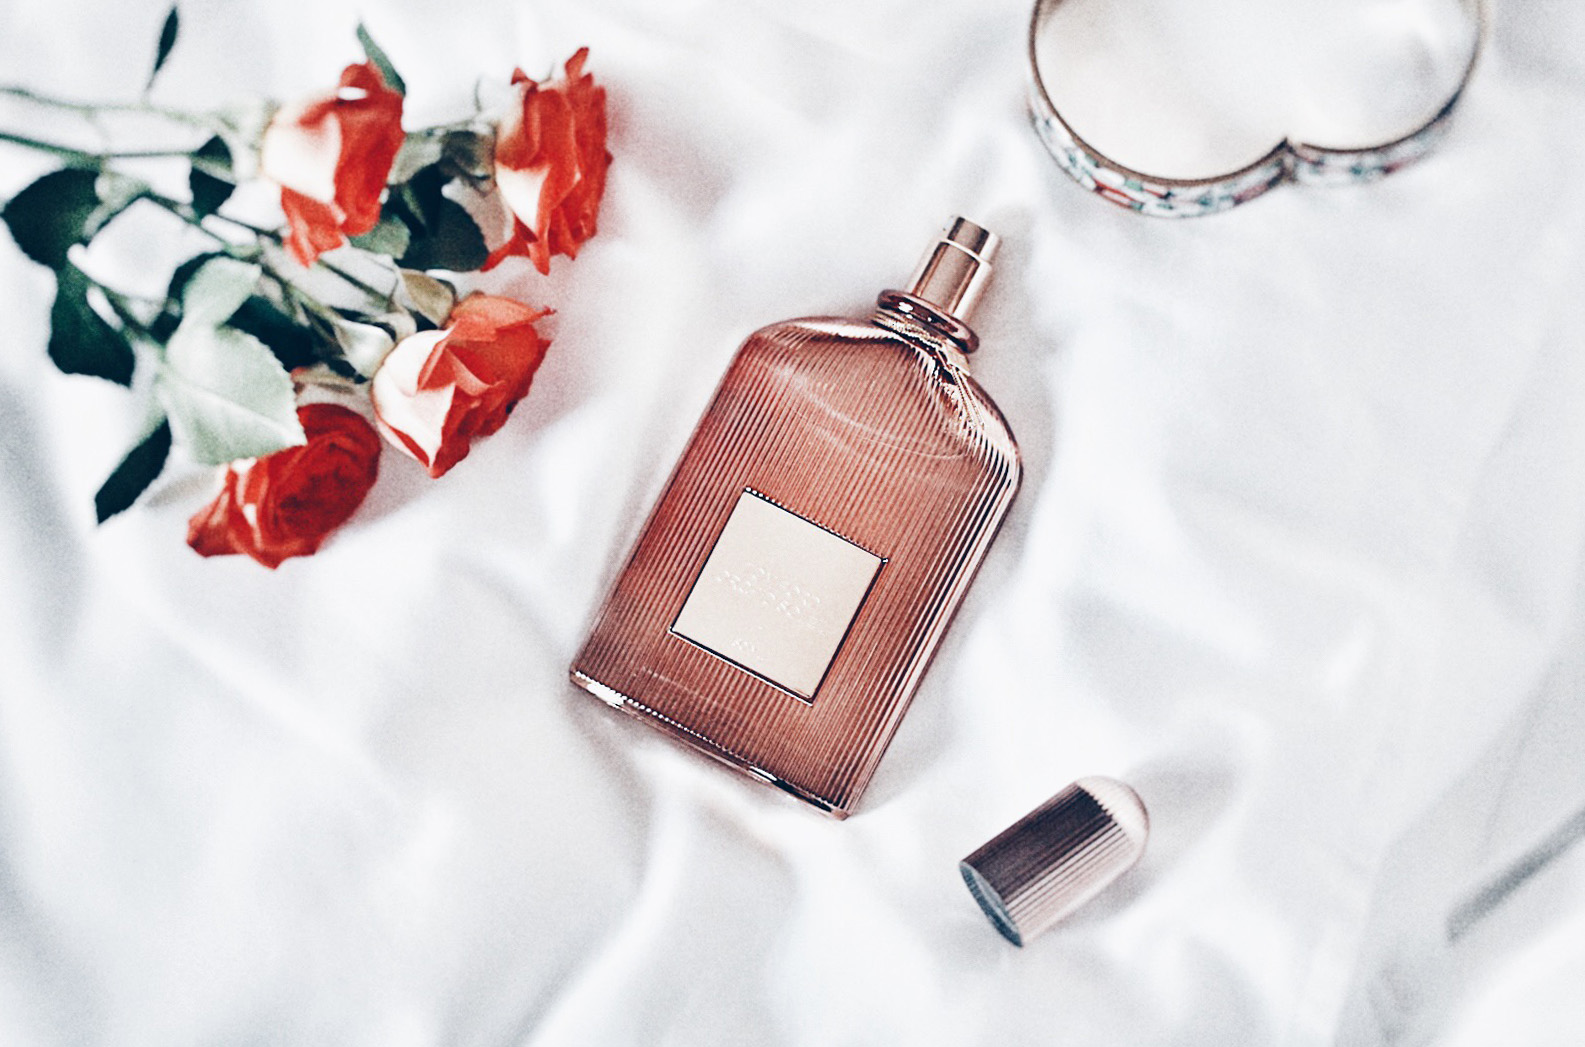 tom ford orchid soleil eau de parfum avis test